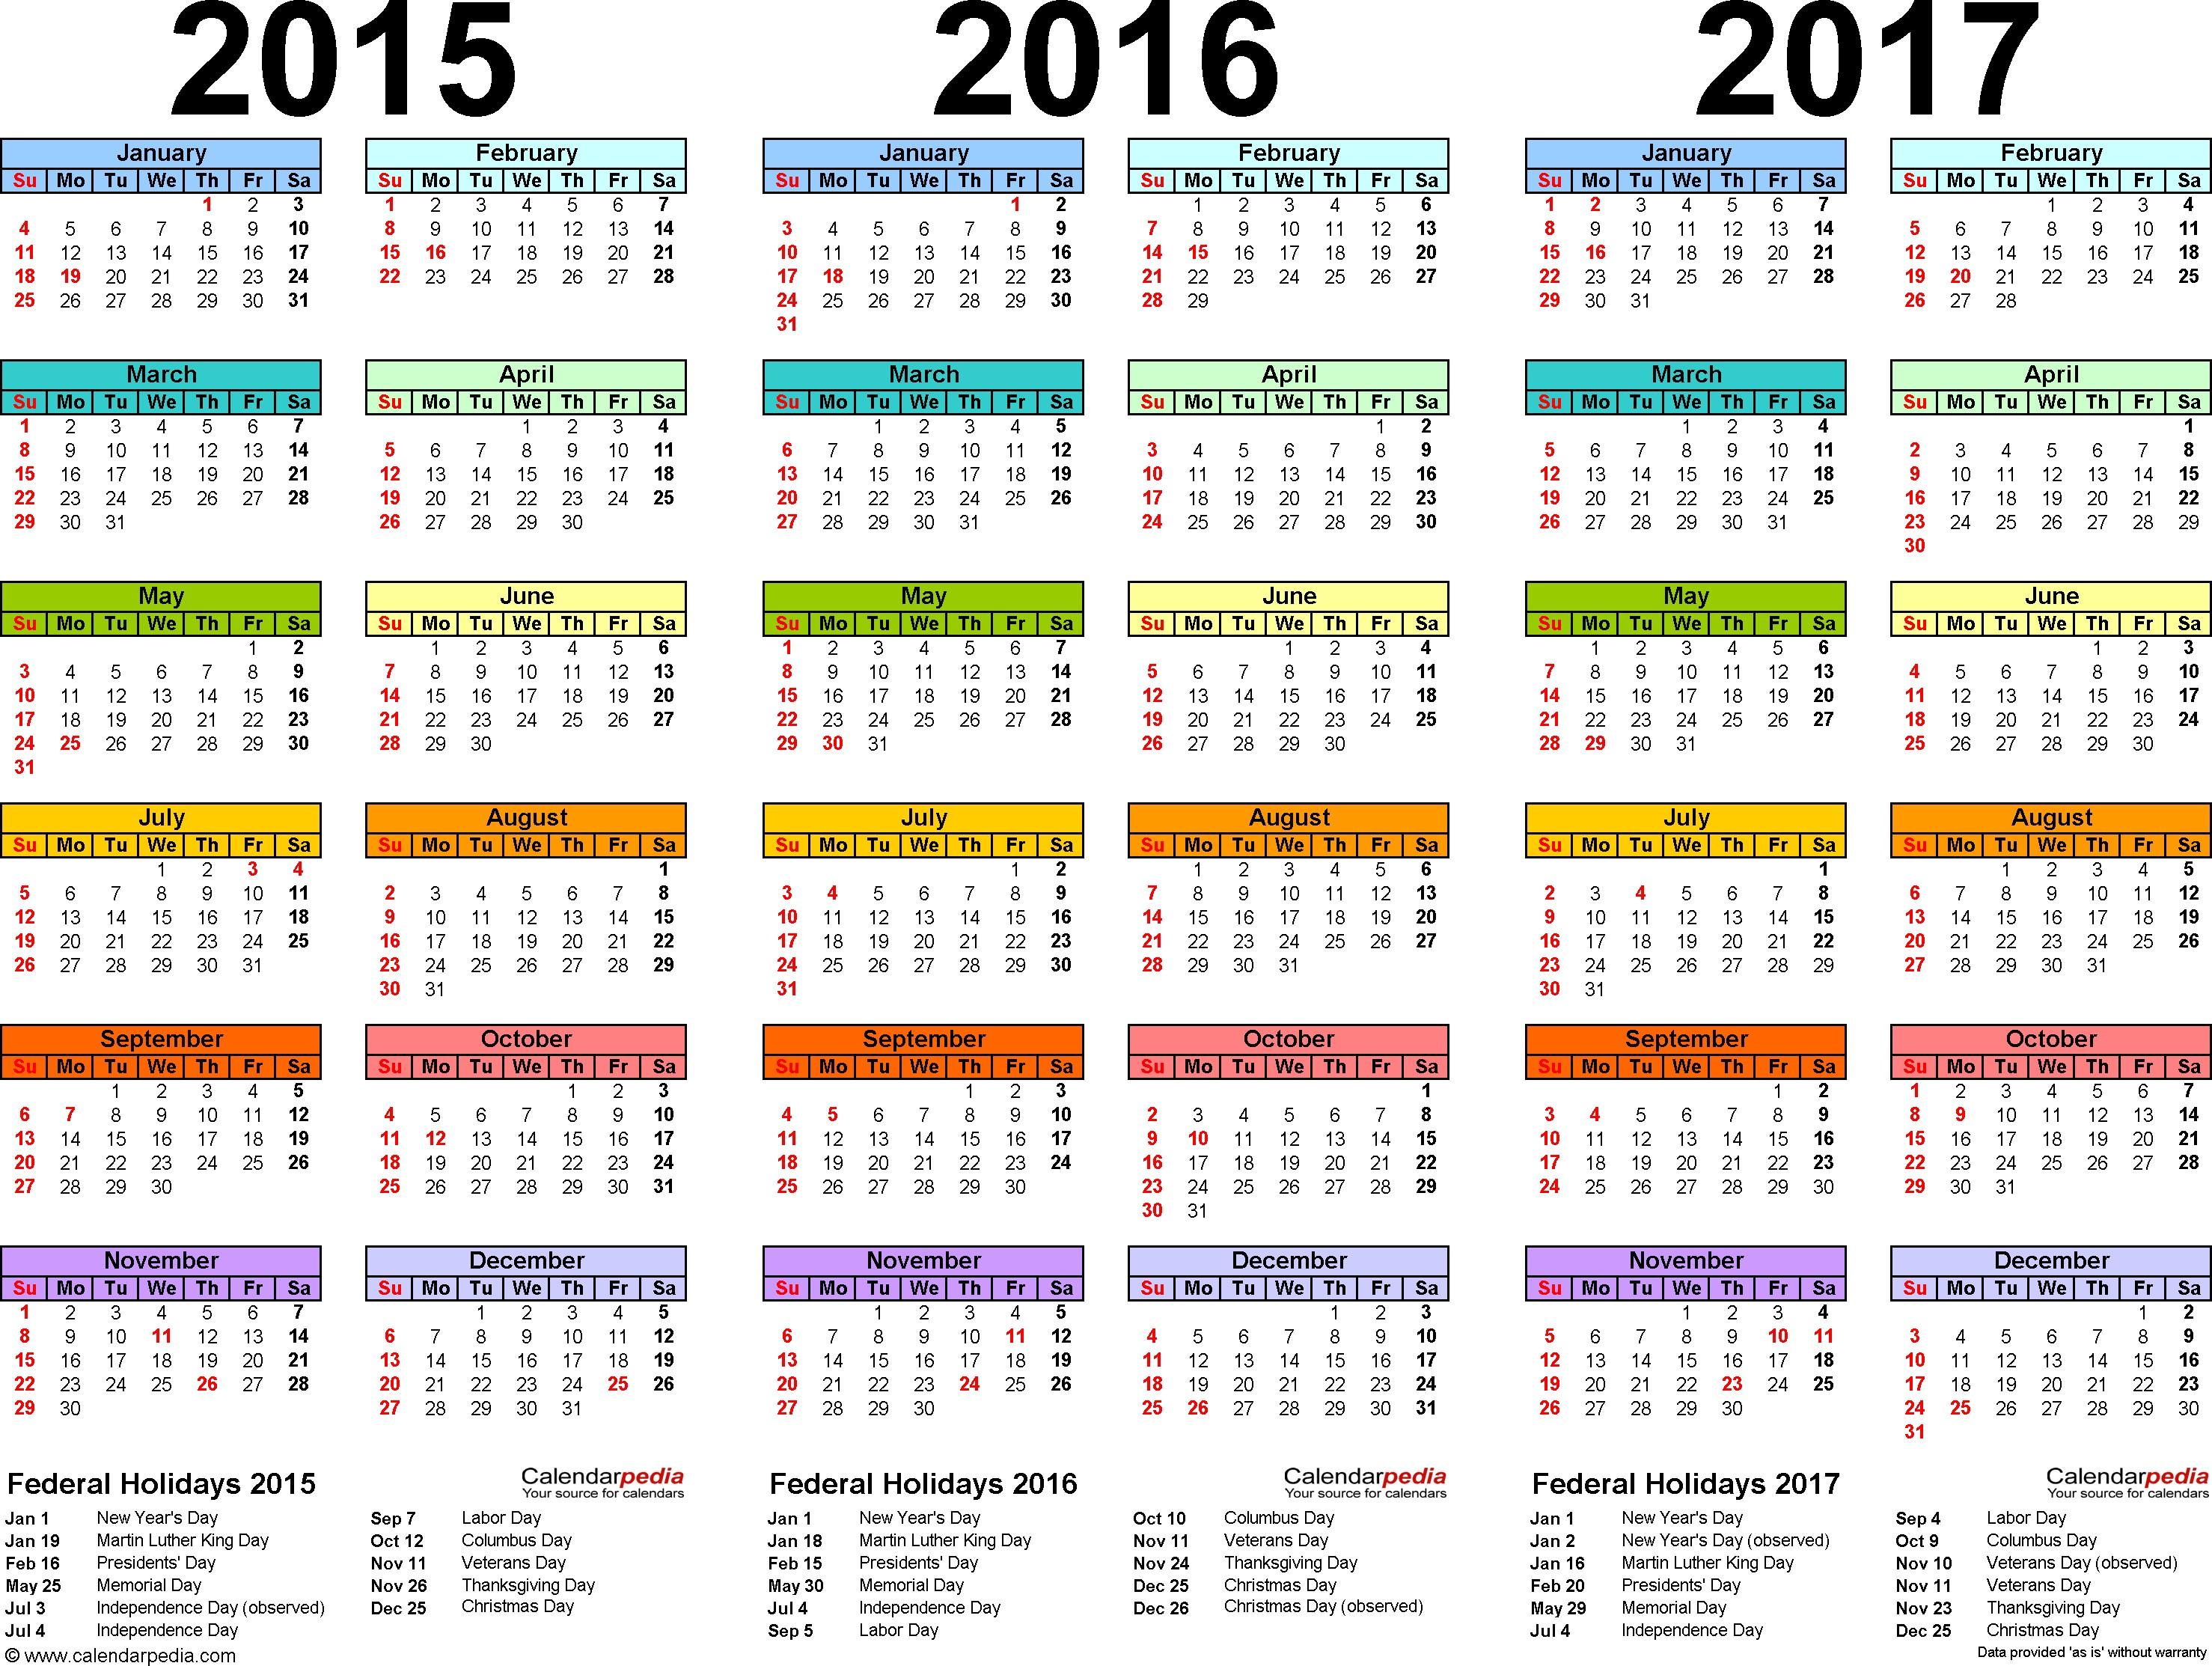 Calendario 2019 Para Imprimir Word Más Actual 2015 2016 2017 Calendar 4 Three Year Printable Pdf Calendars Of Calendario 2019 Para Imprimir Word Más Reciente Template Archives Page 210 Of 262 Wheel Of Concept